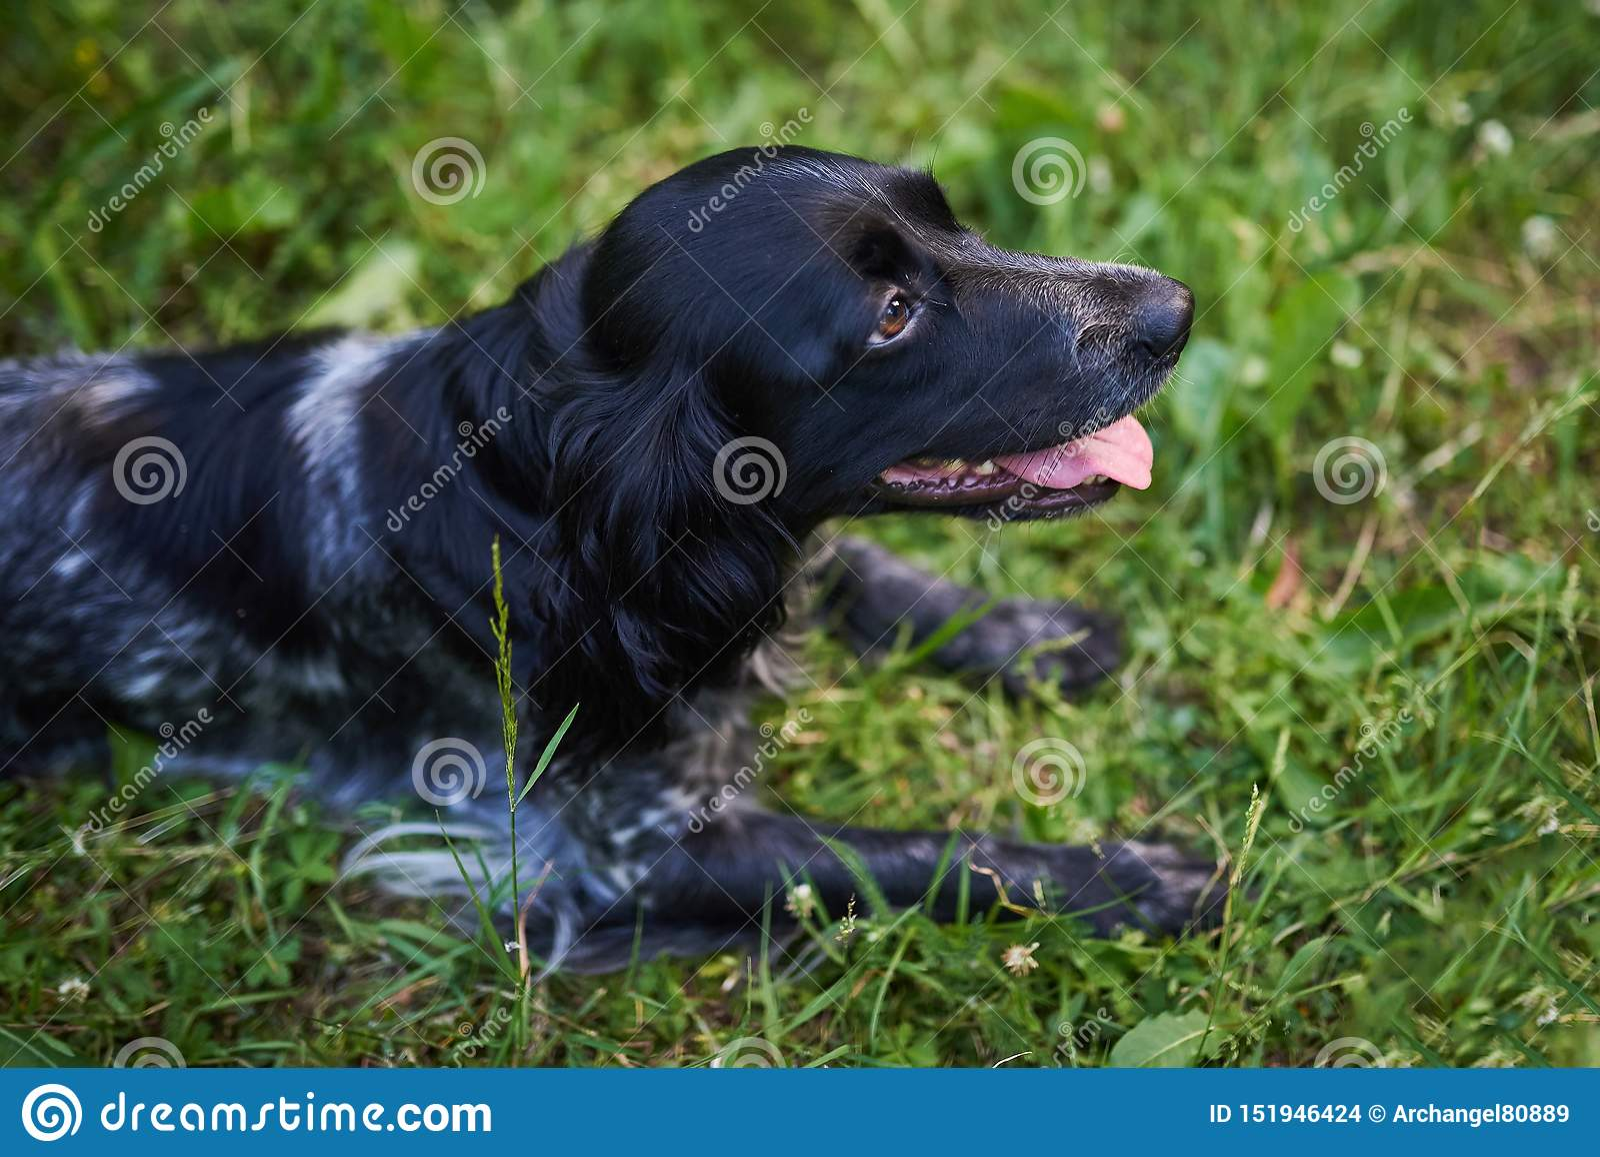 Spaniel cercante russo che si trova sull erba, lingua fuori